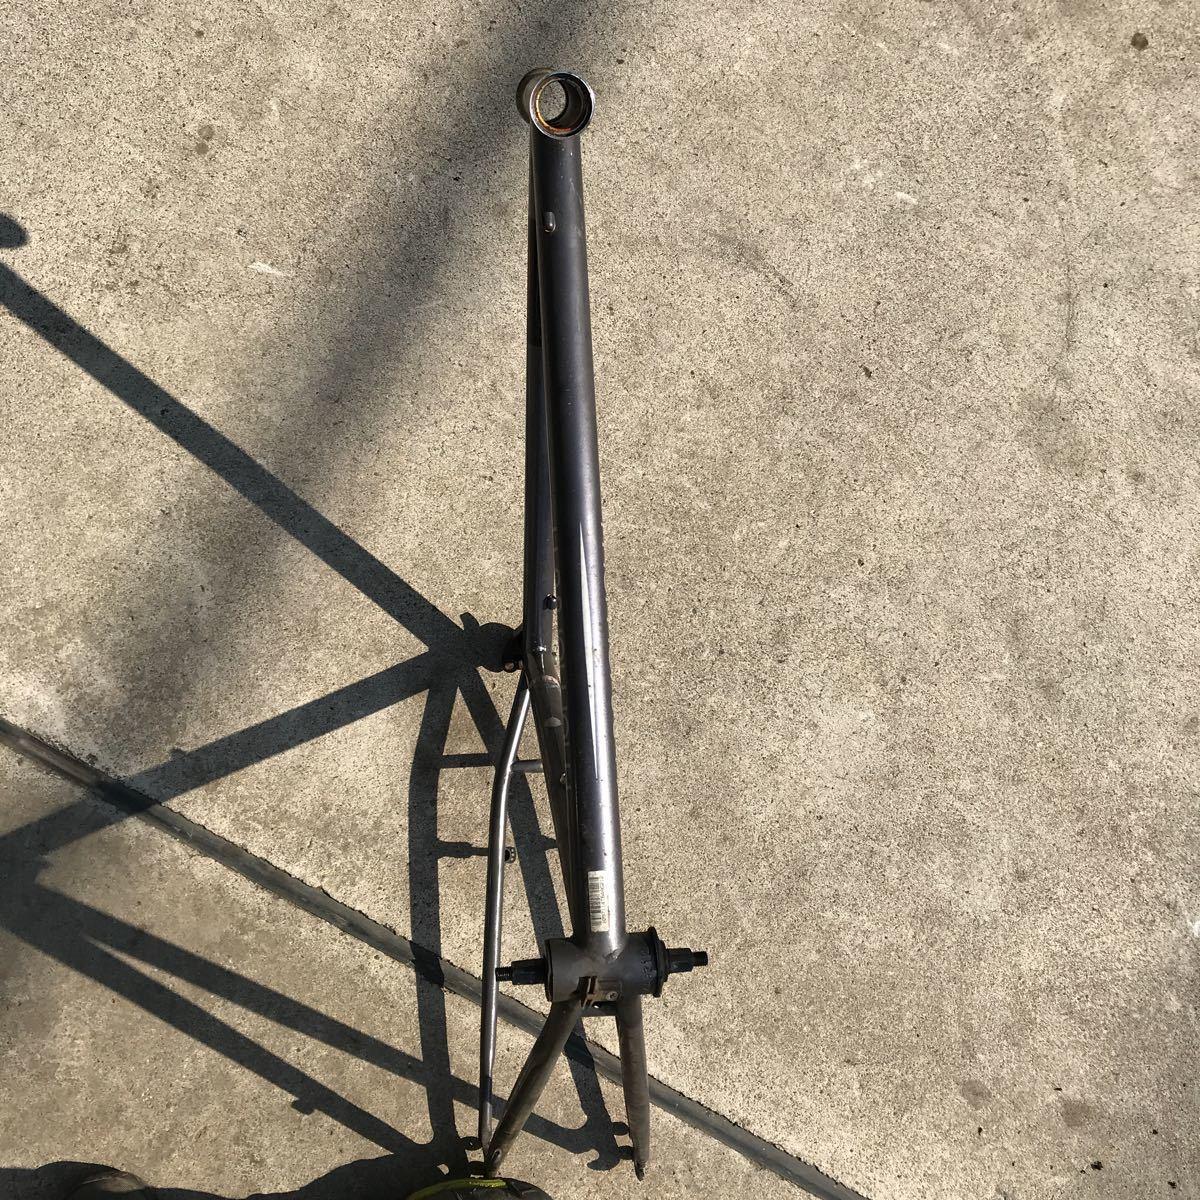 momentum モーメンタム クロスバイク フレーム 500mm 700×28c ジャイアント 中古 28-700_画像7